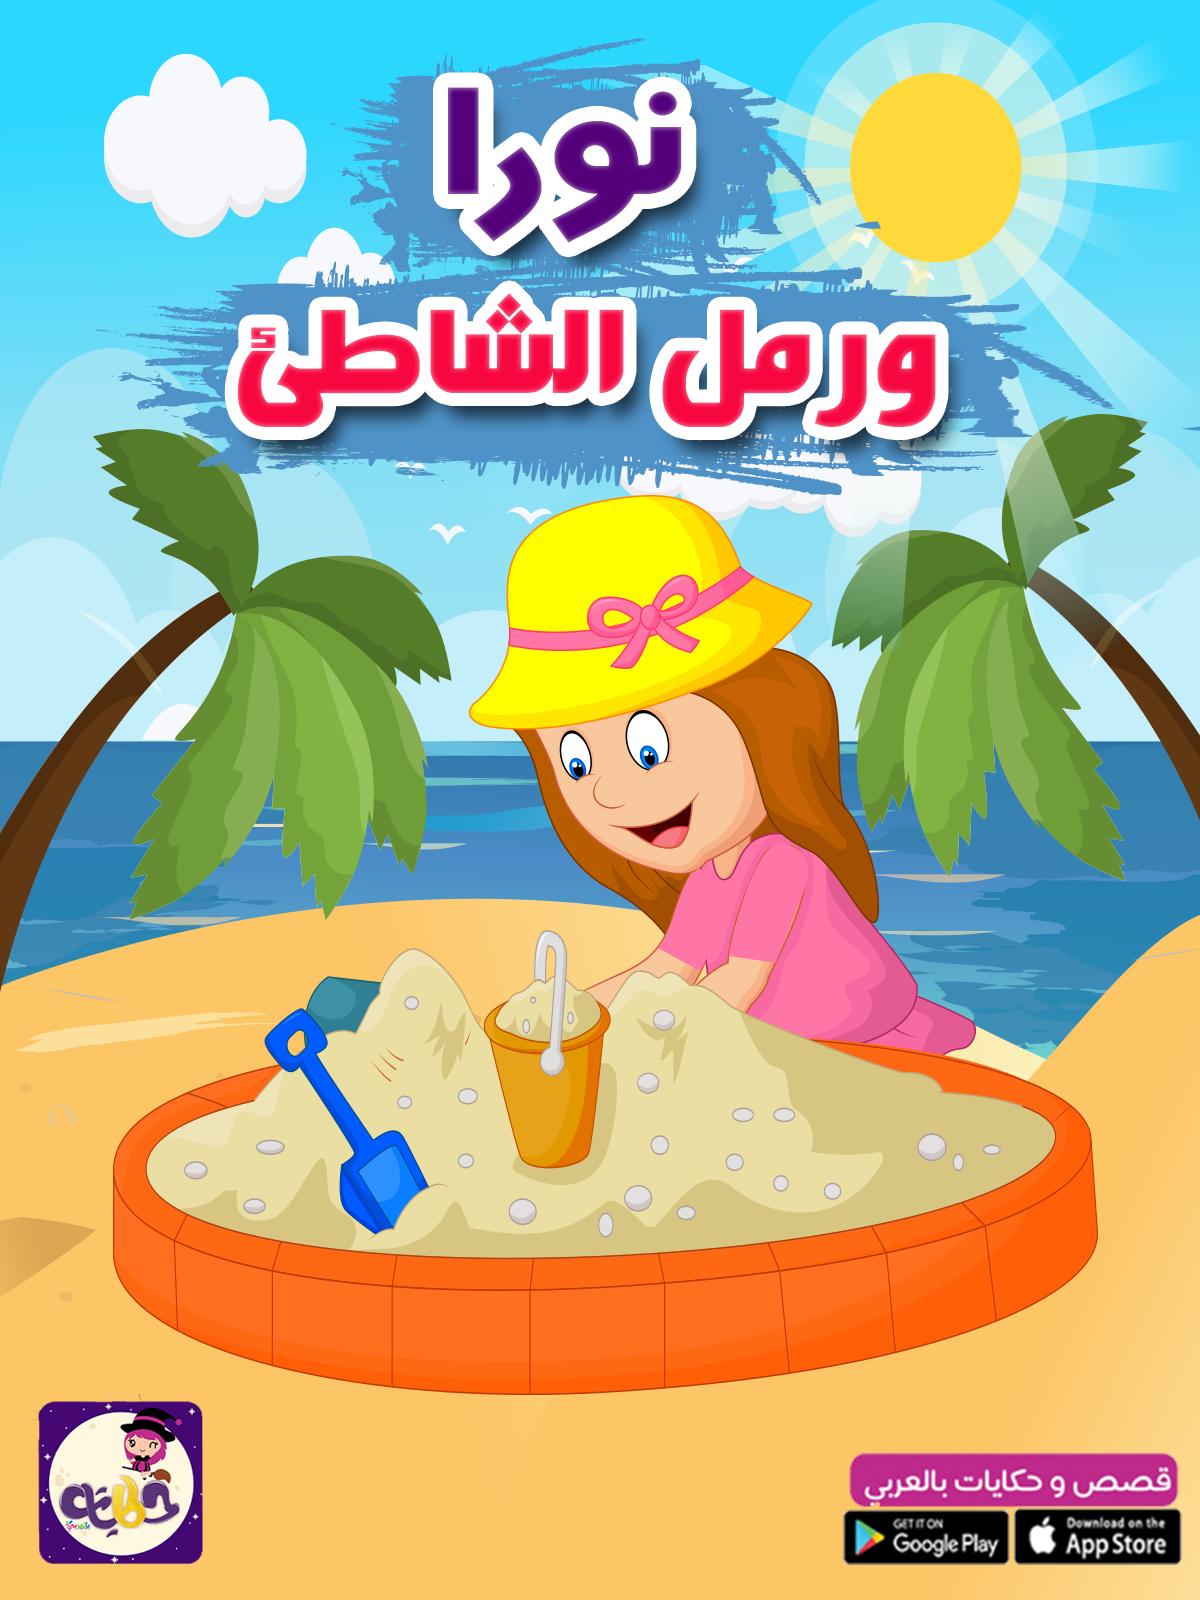 رمل الشاطيء ماذا فعلت نورا برمل الشاطيء قصص تربوية هادفة بتطبيق قصص وحكايات بالعربي Arabic Kids Stories For Kids Kids